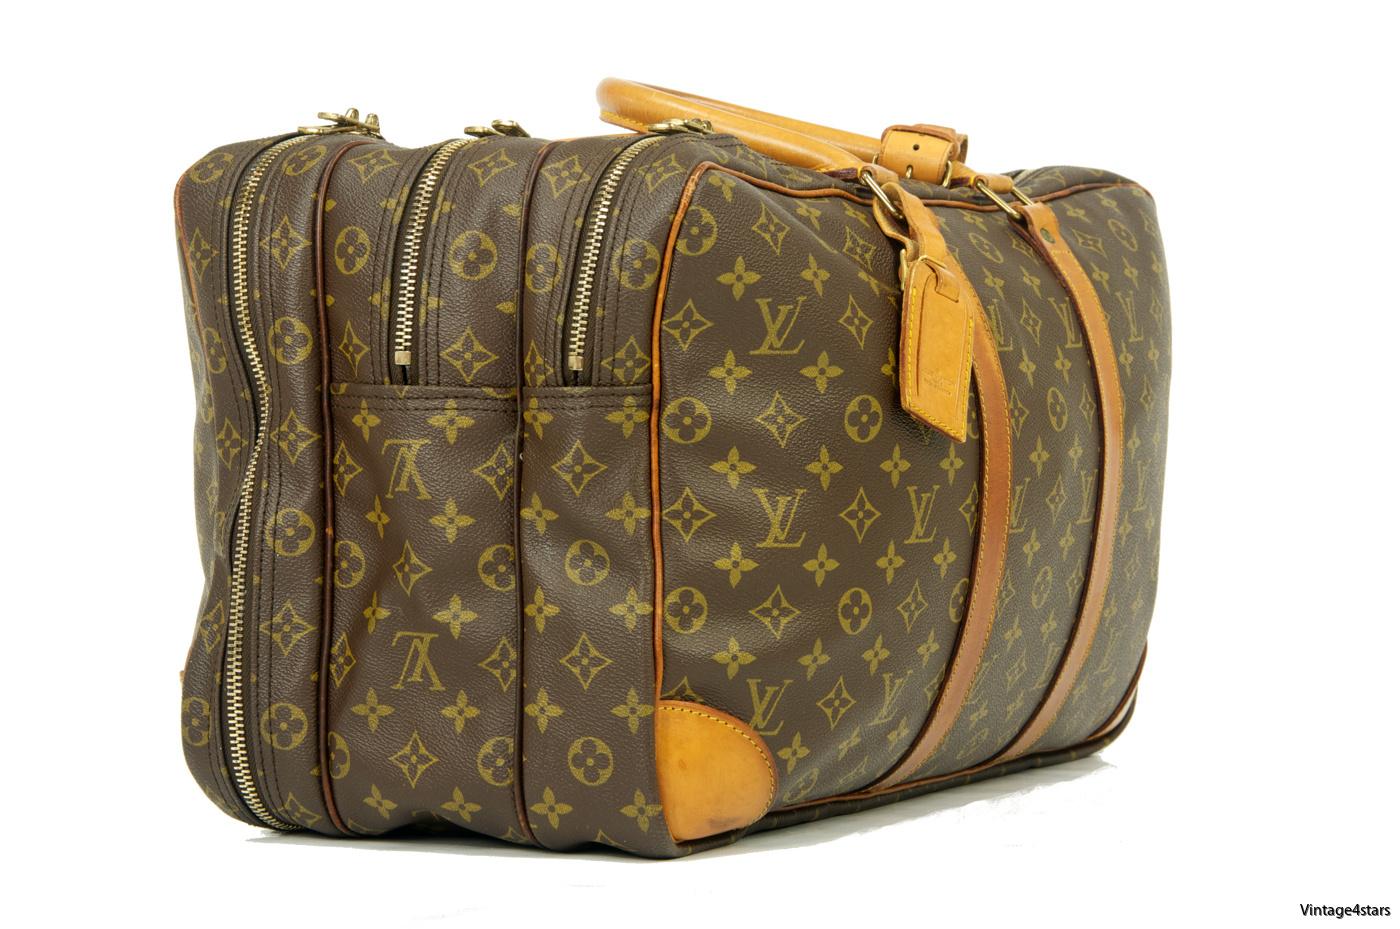 Louis Vuitton Sac 3 Poches 4